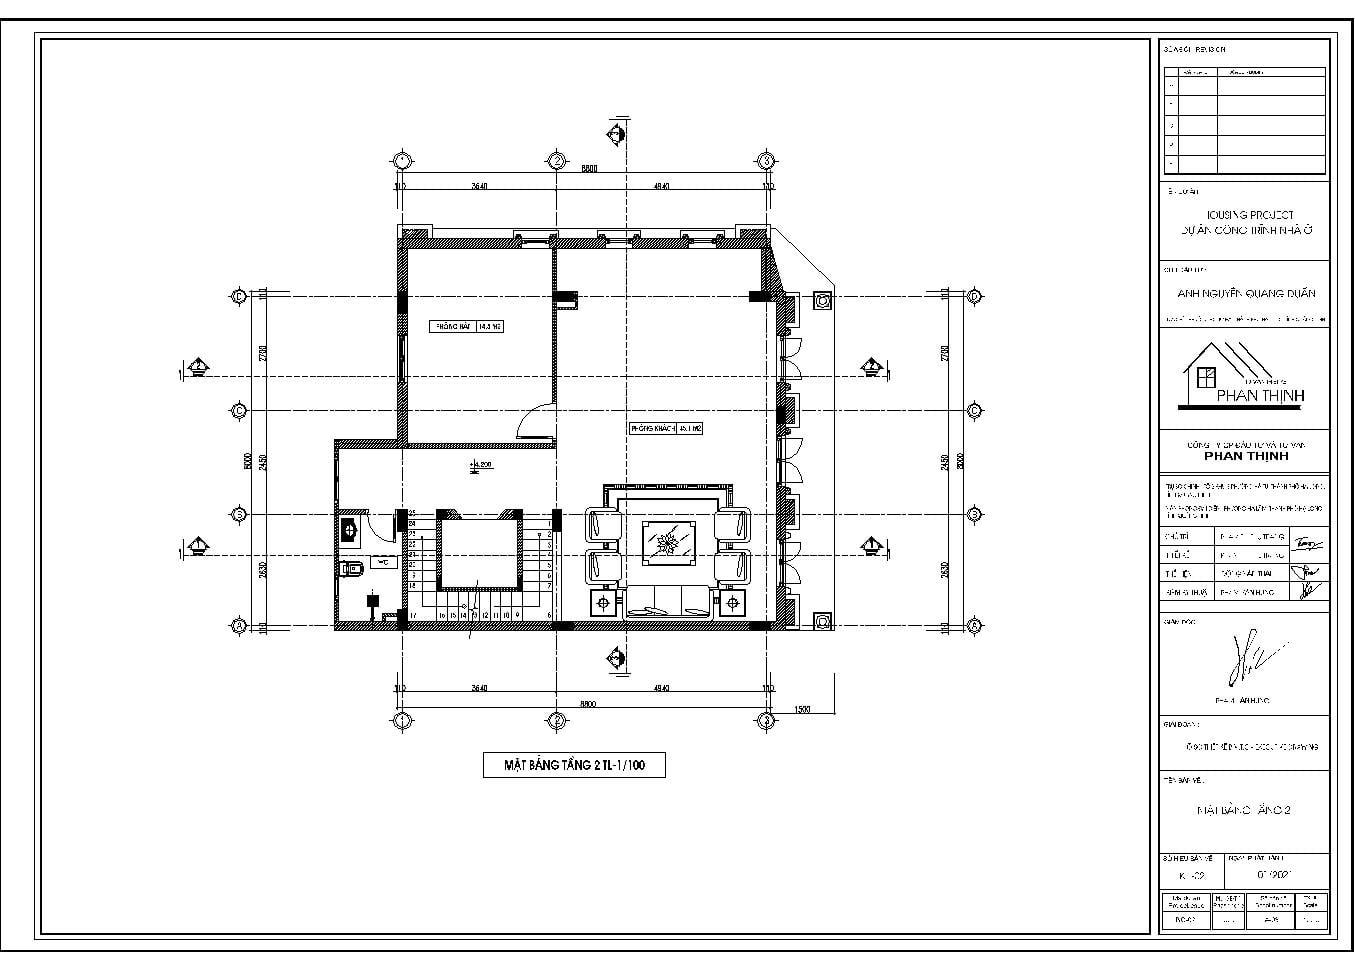 Mặt bằng tầng 2 mẫu nhà thiết kế đẹp 5 tầng ở Quảng Ninh